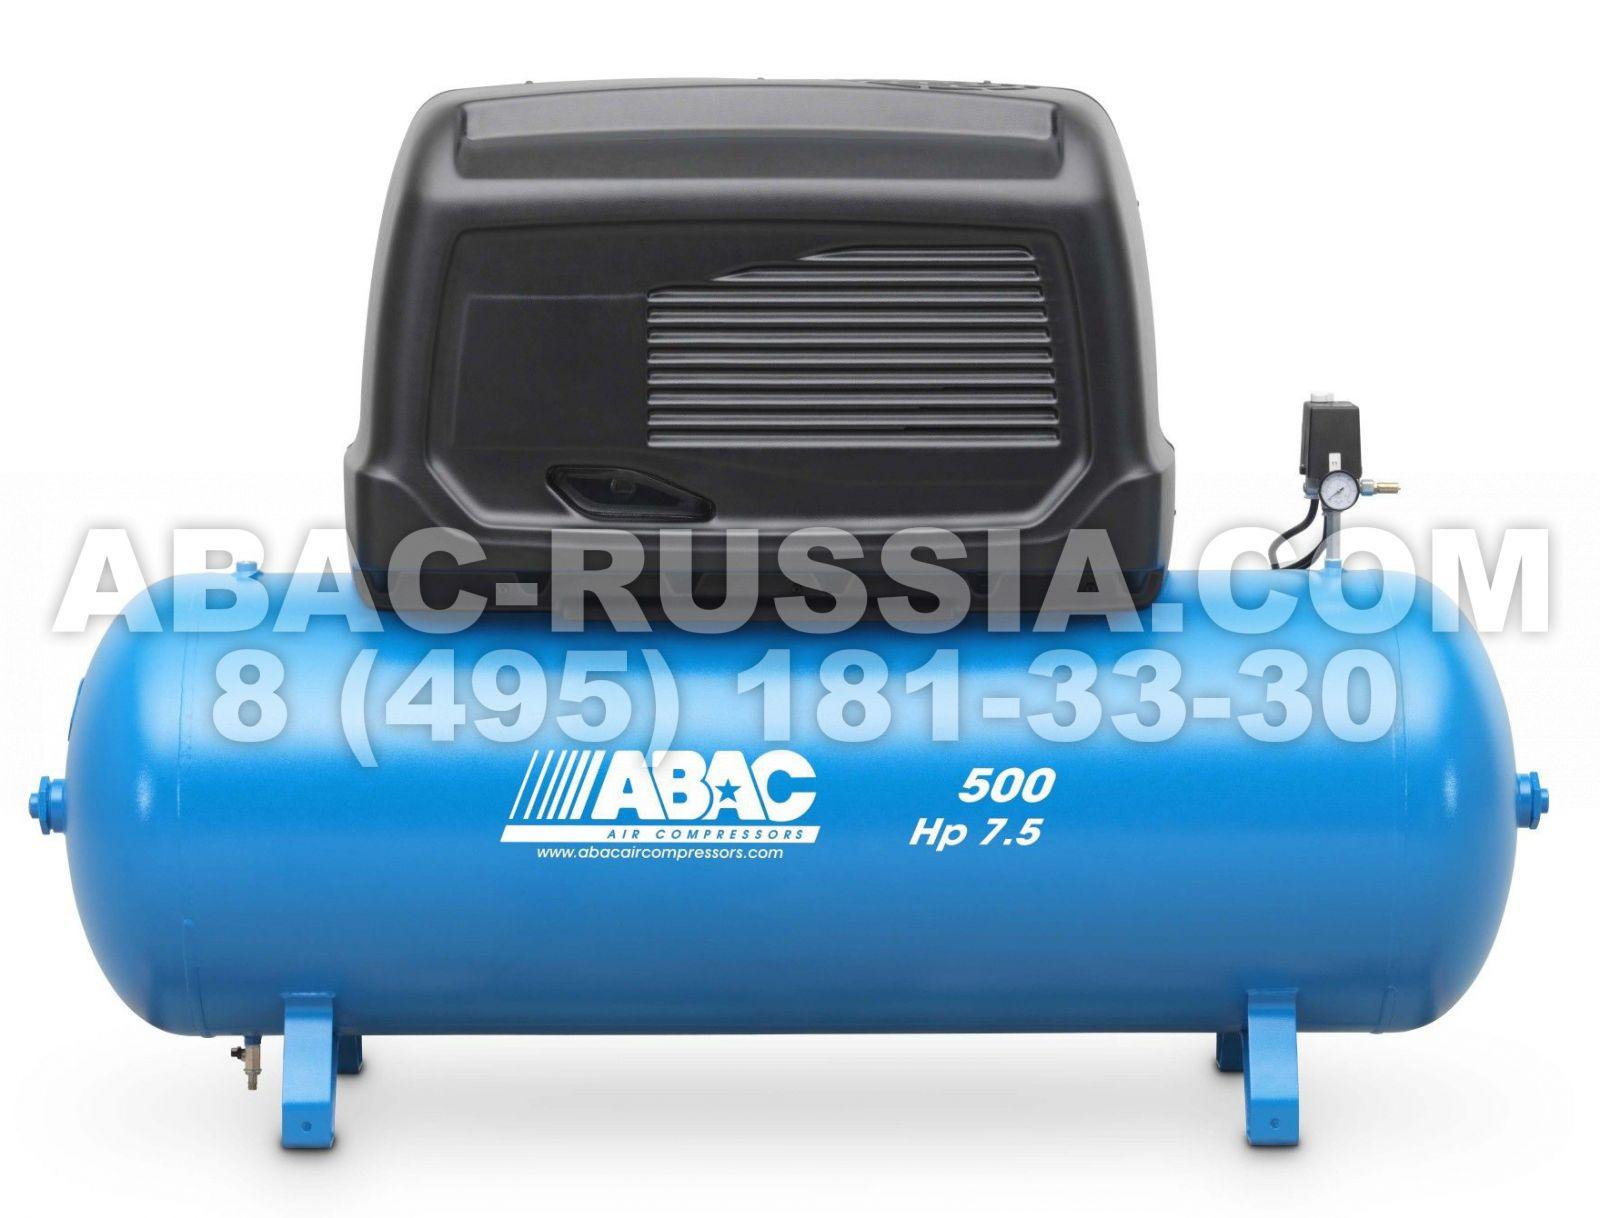 Поршневой компрессор ABAC S B6000/500 FT7.5 4116007337